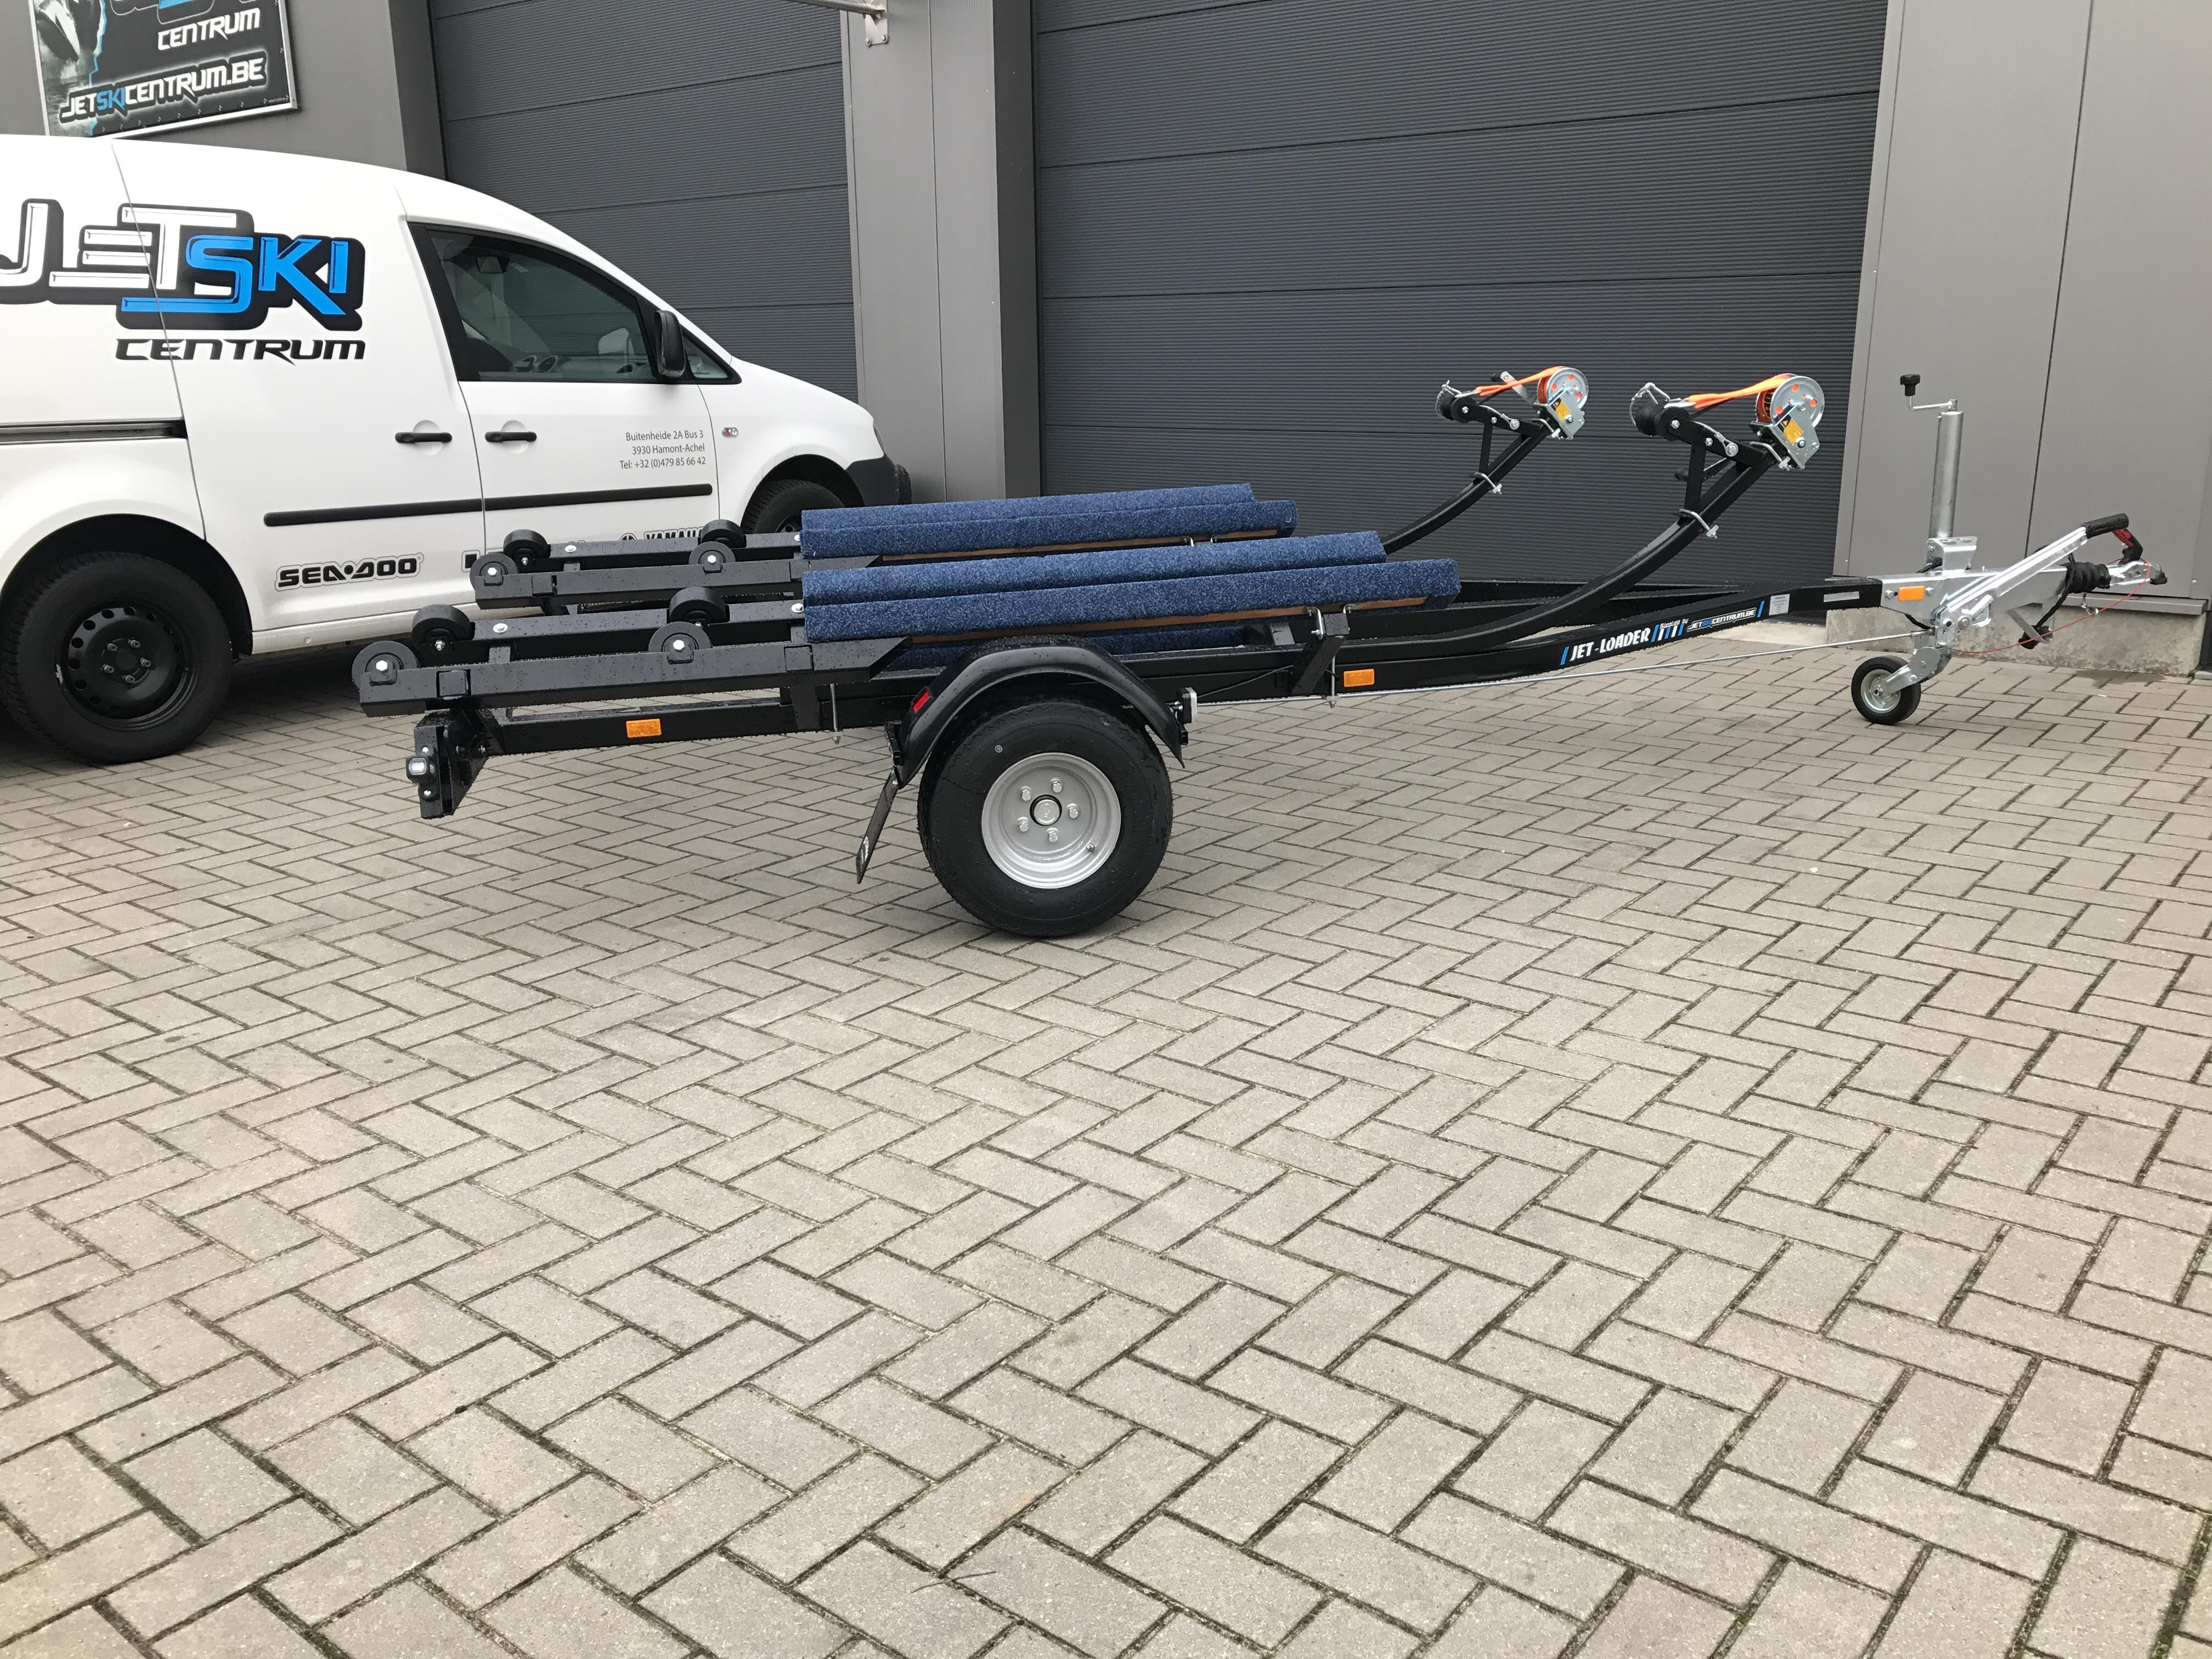 Dubbele jet-loader rolsysteem geremd Image